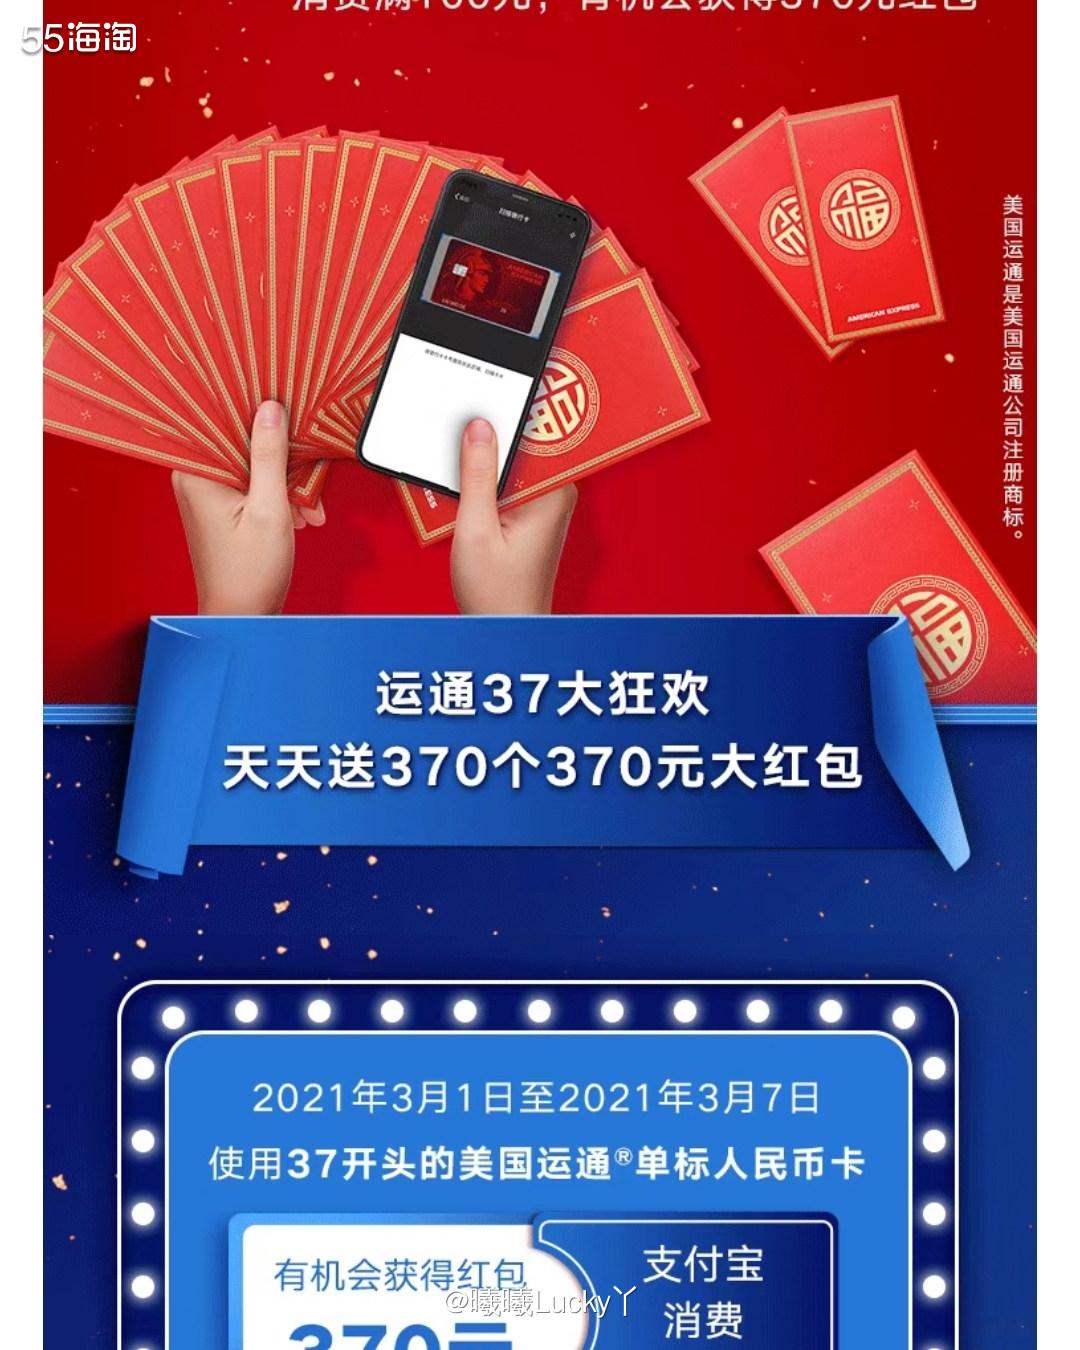 美国运通卡表白✔ 活动篇I 37大红包  ♛美国运通卡的活动